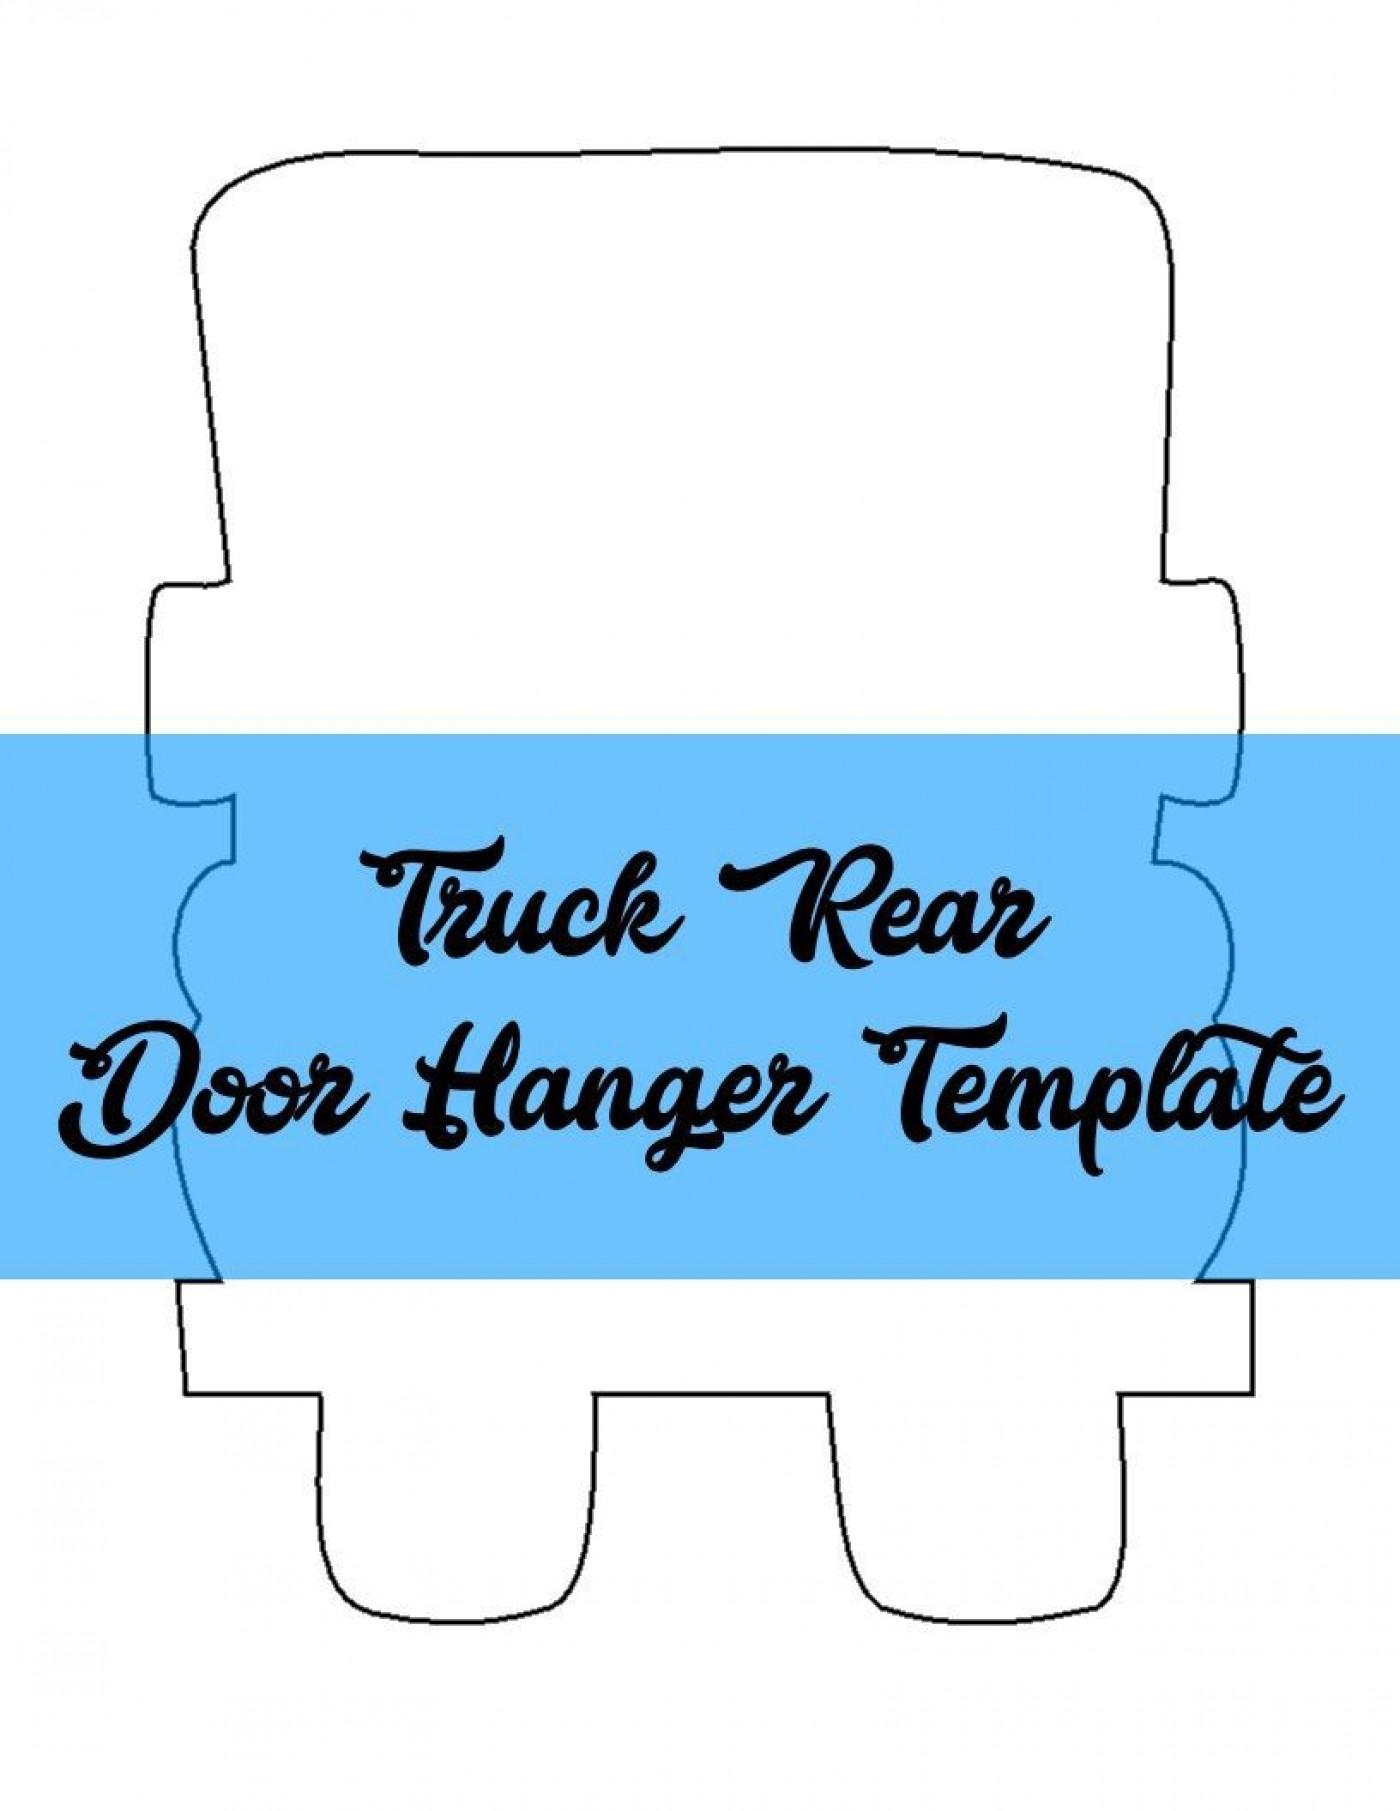 009 Formidable Free Download Door Hanger Template Concept 1400